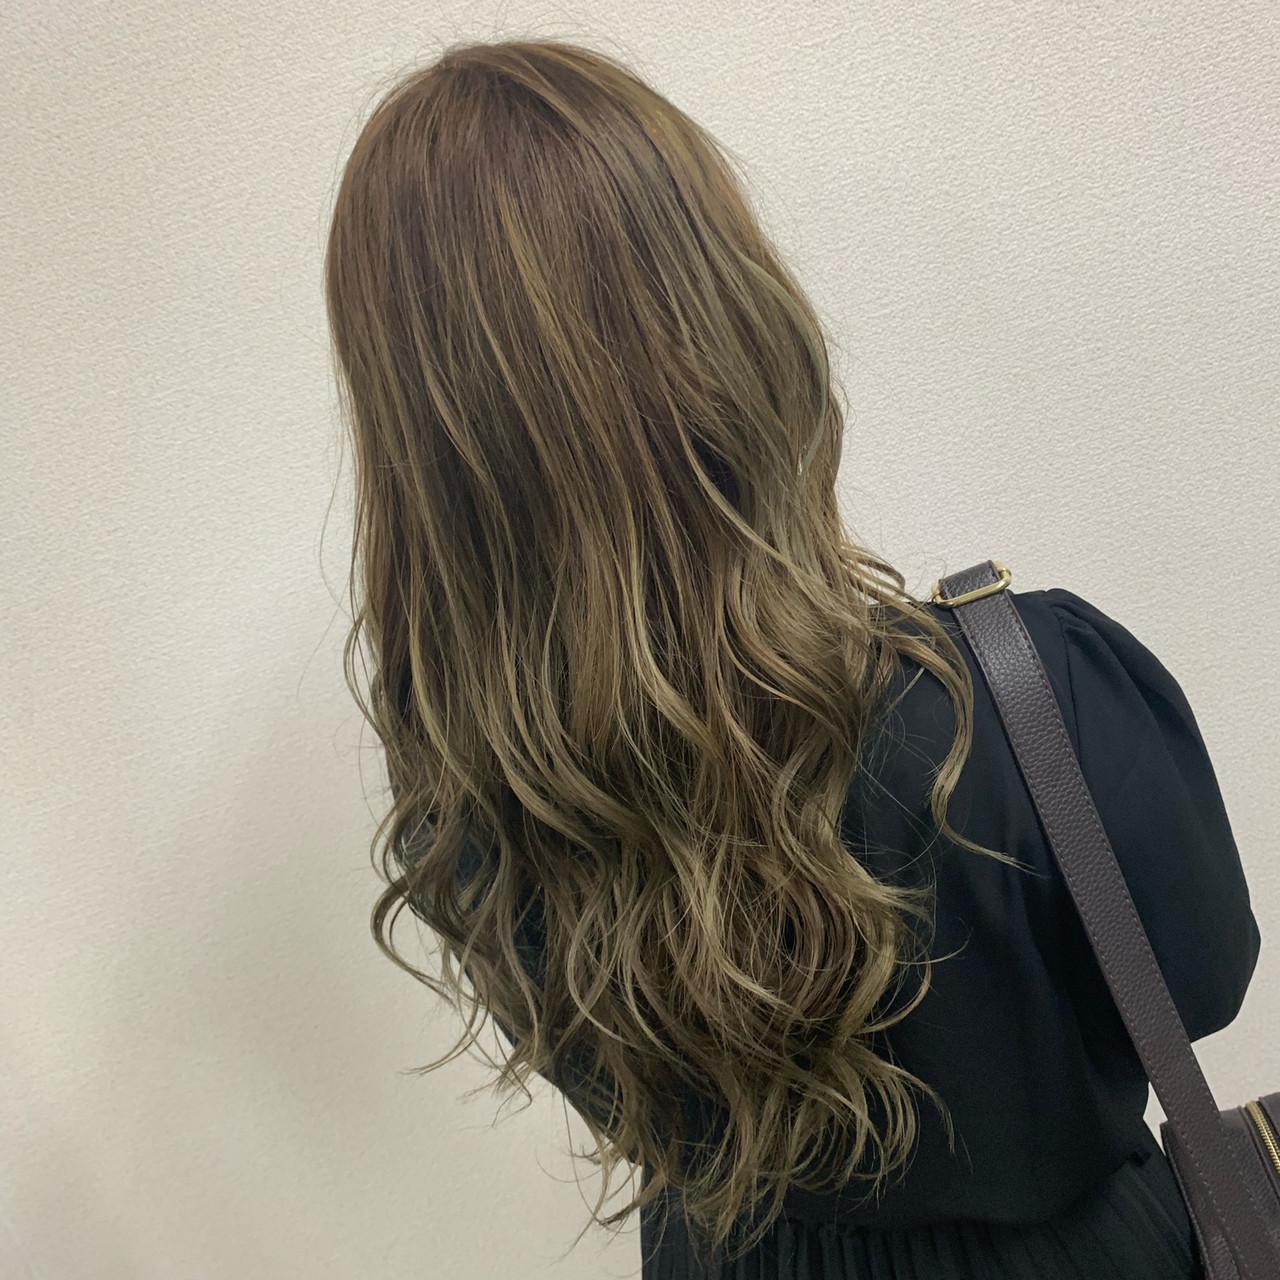 ベージュ セミロング 圧倒的透明感 ナチュラル ヘアスタイルや髪型の写真・画像